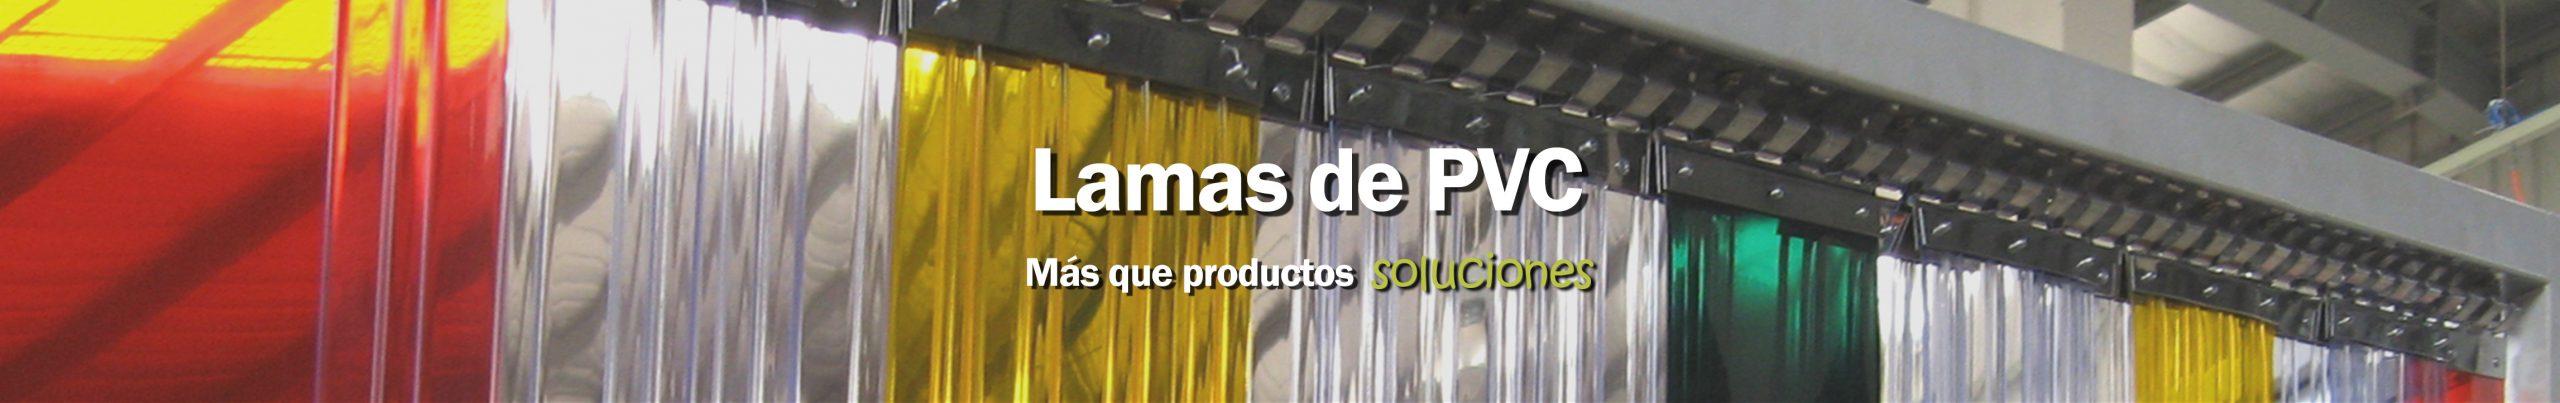 Lamas de PVC